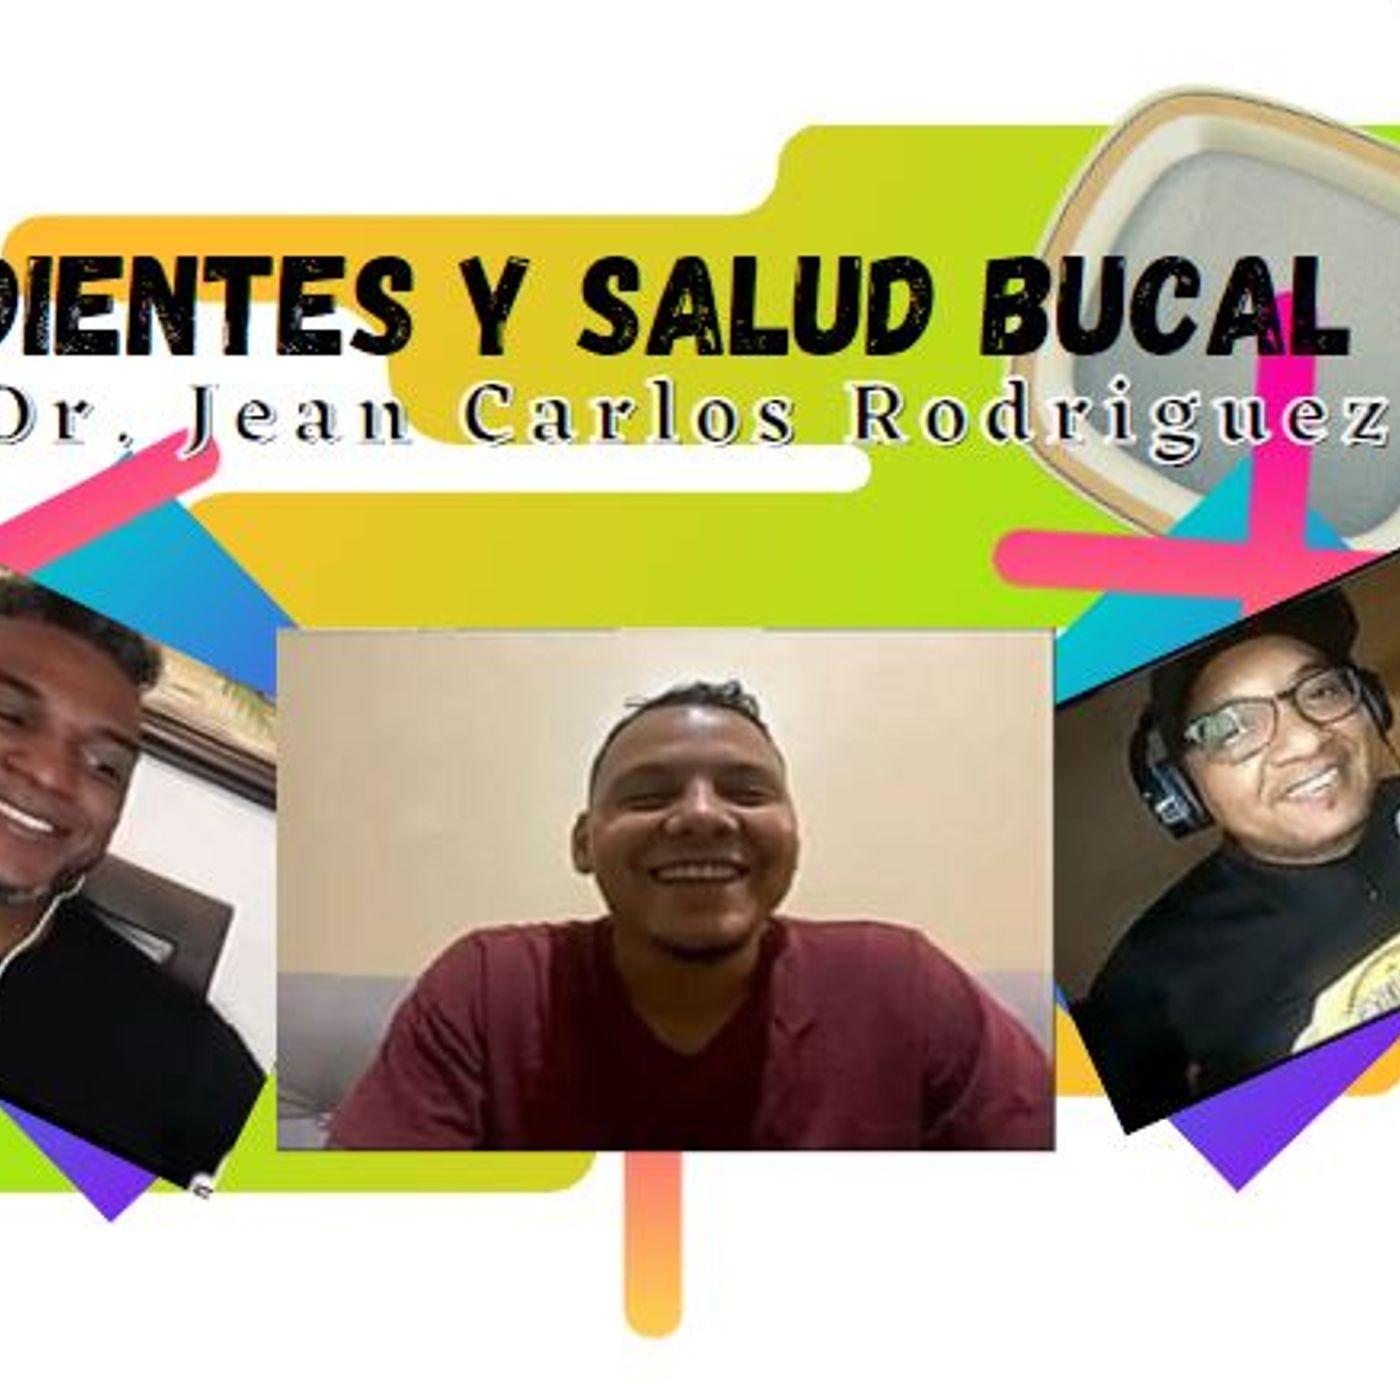 #31 Hablamos de Salud Bucal con el Dr. Jean Carlos Rodriguez